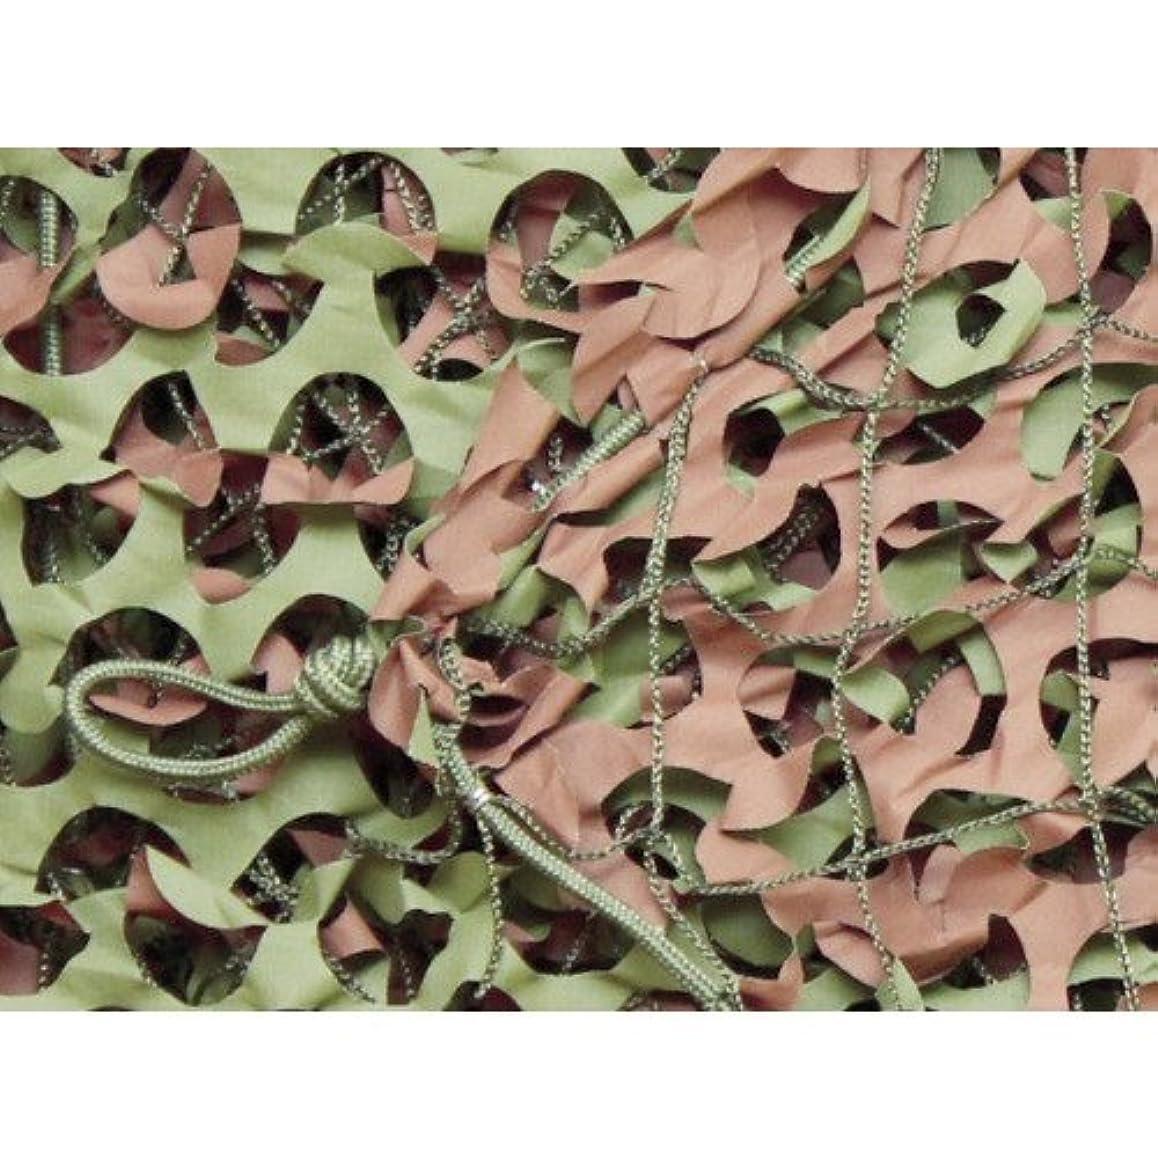 粘土求める靴トラスコ中山 CAMO ベーシック レギュラーXミリタリー グリーン&ブラウン 1.8mX3m WM12